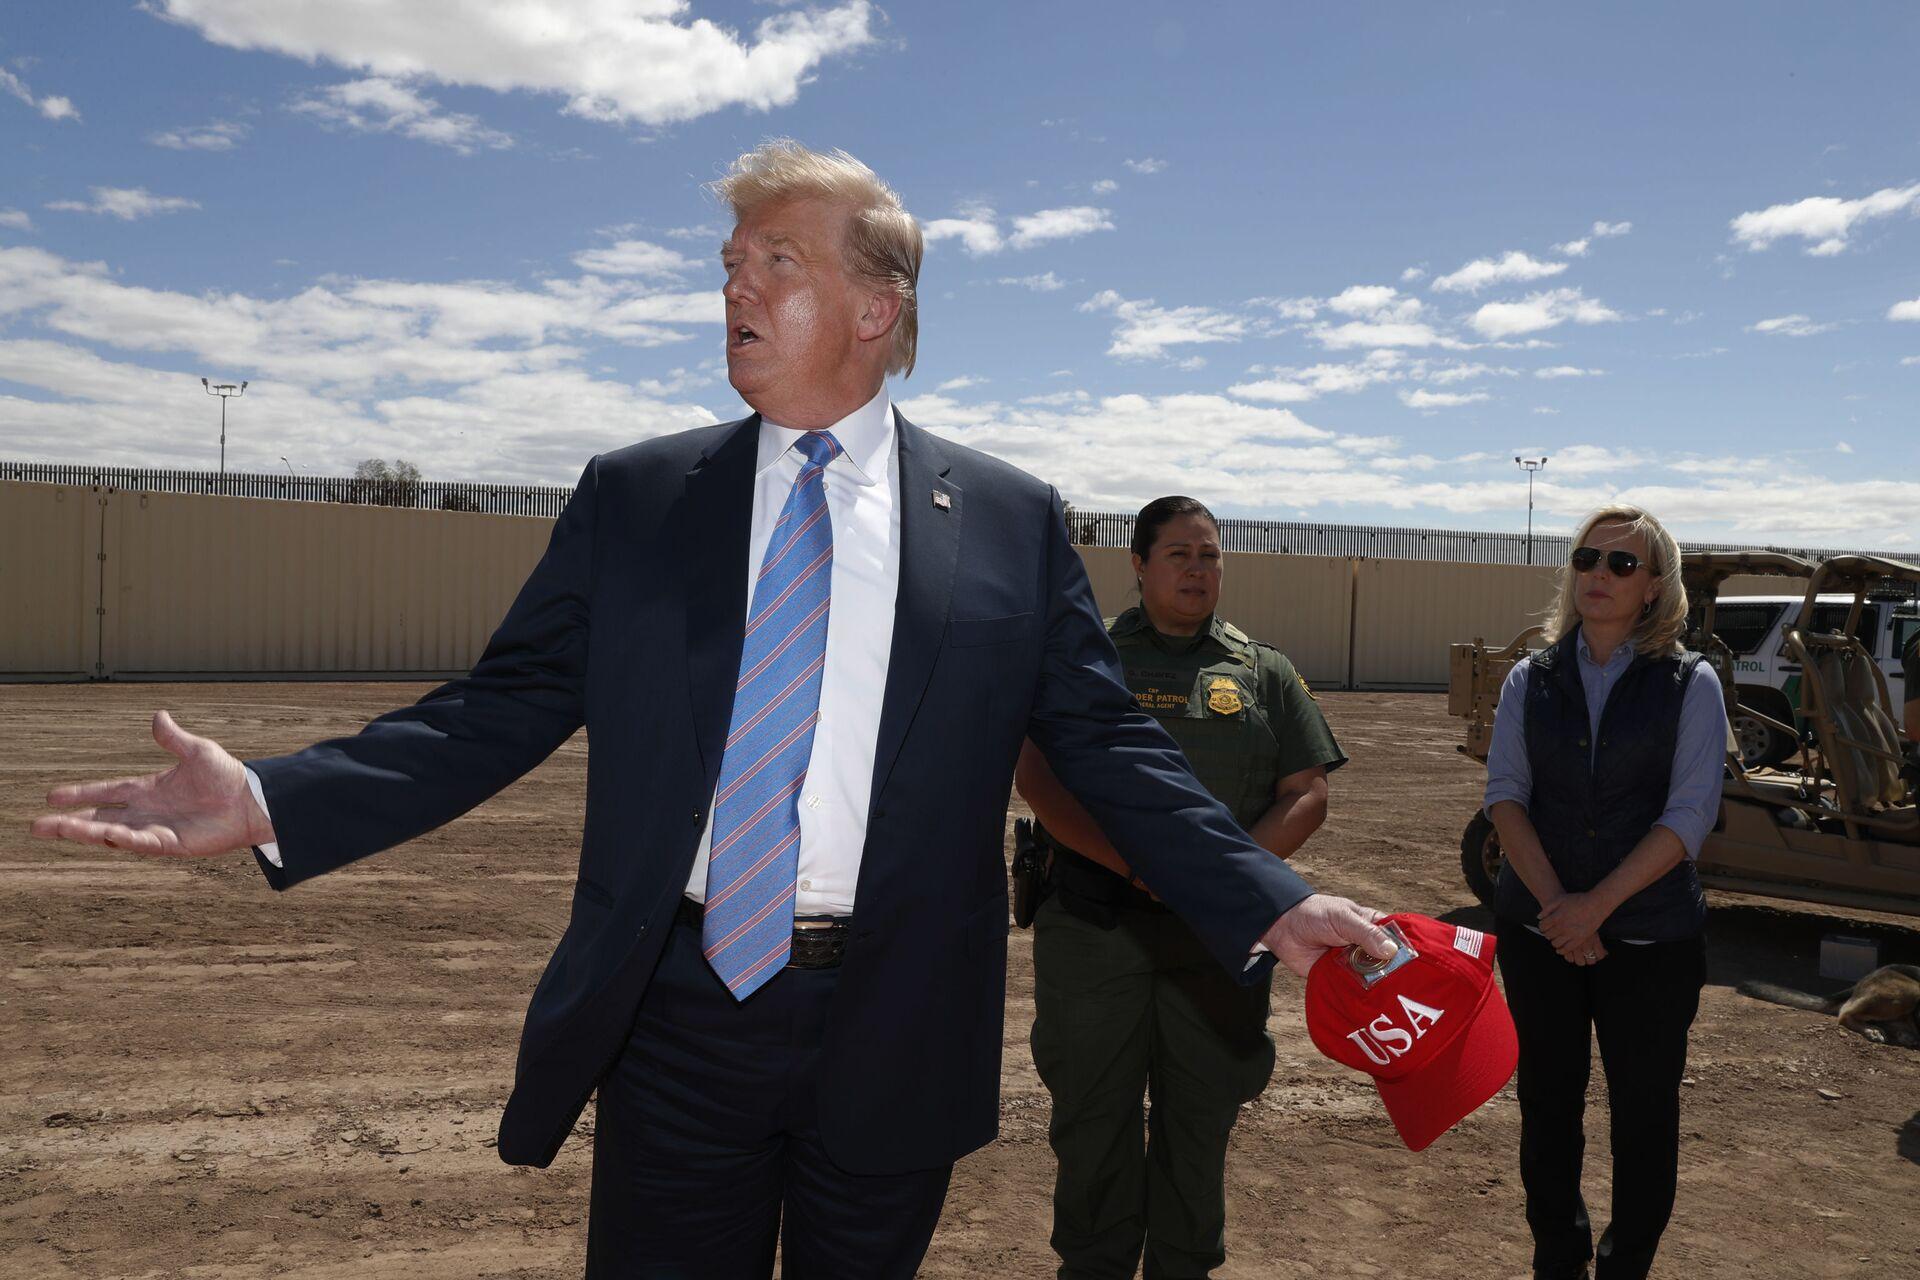 Biden sul piano di Trump di visitare il confine sud: Non mi interessa quello che fa l'altro tizio - Sputnik Italia, 1920, 29.03.2021